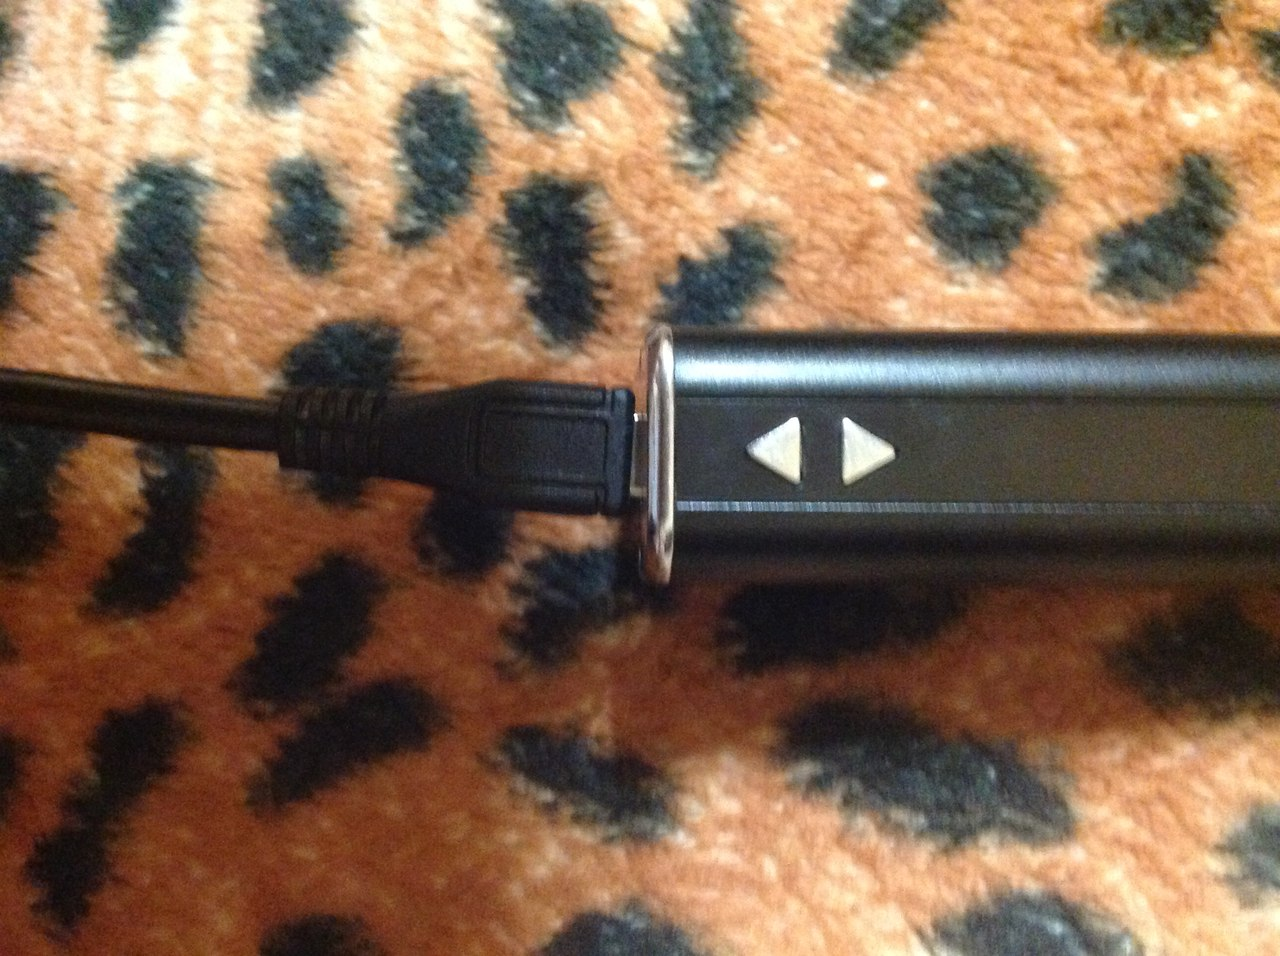 Продам iStick 30w, Tayfun GT2 888